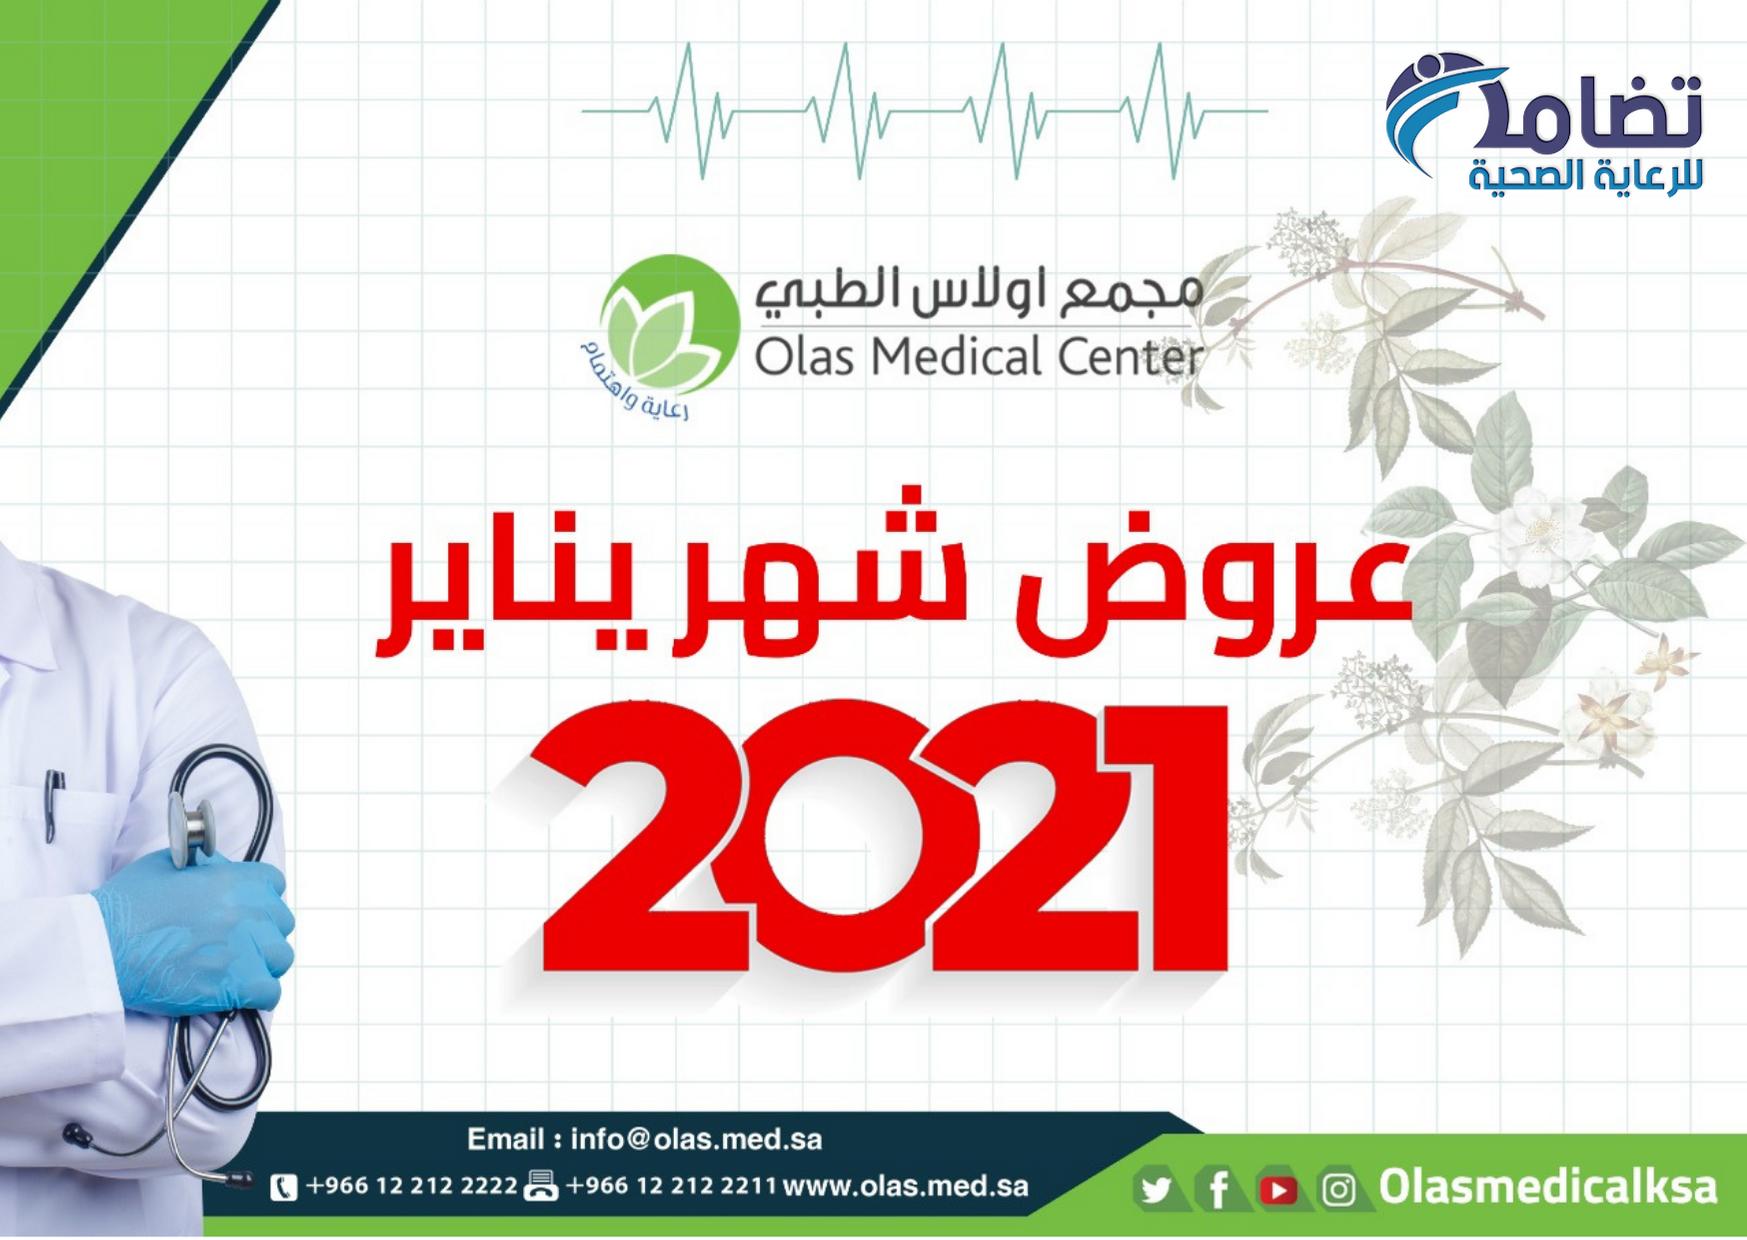 عروض يناير 2021 | ☘ مجمع أولاس الطبي ☘ جدة - حي الحمدانية